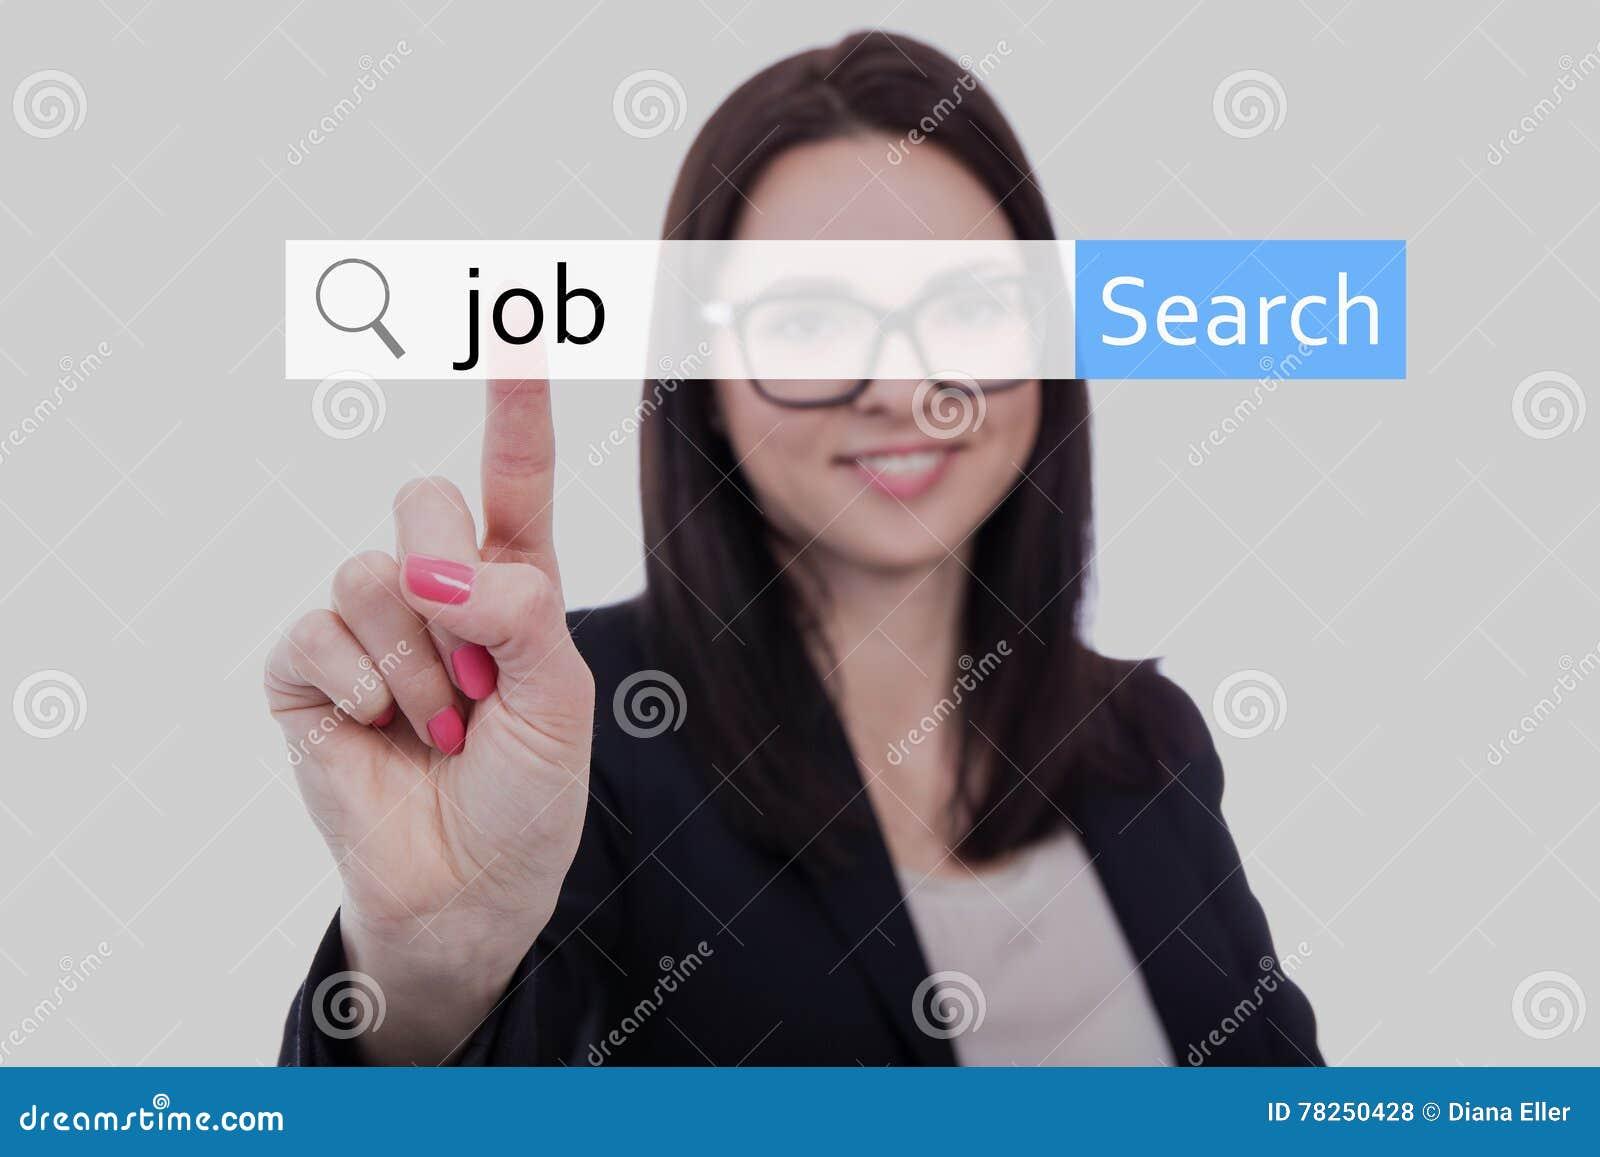 Γυναίκα στο επιχειρησιακό κοστούμι που ψάχνει την εργασία σε Διαδίκτυο